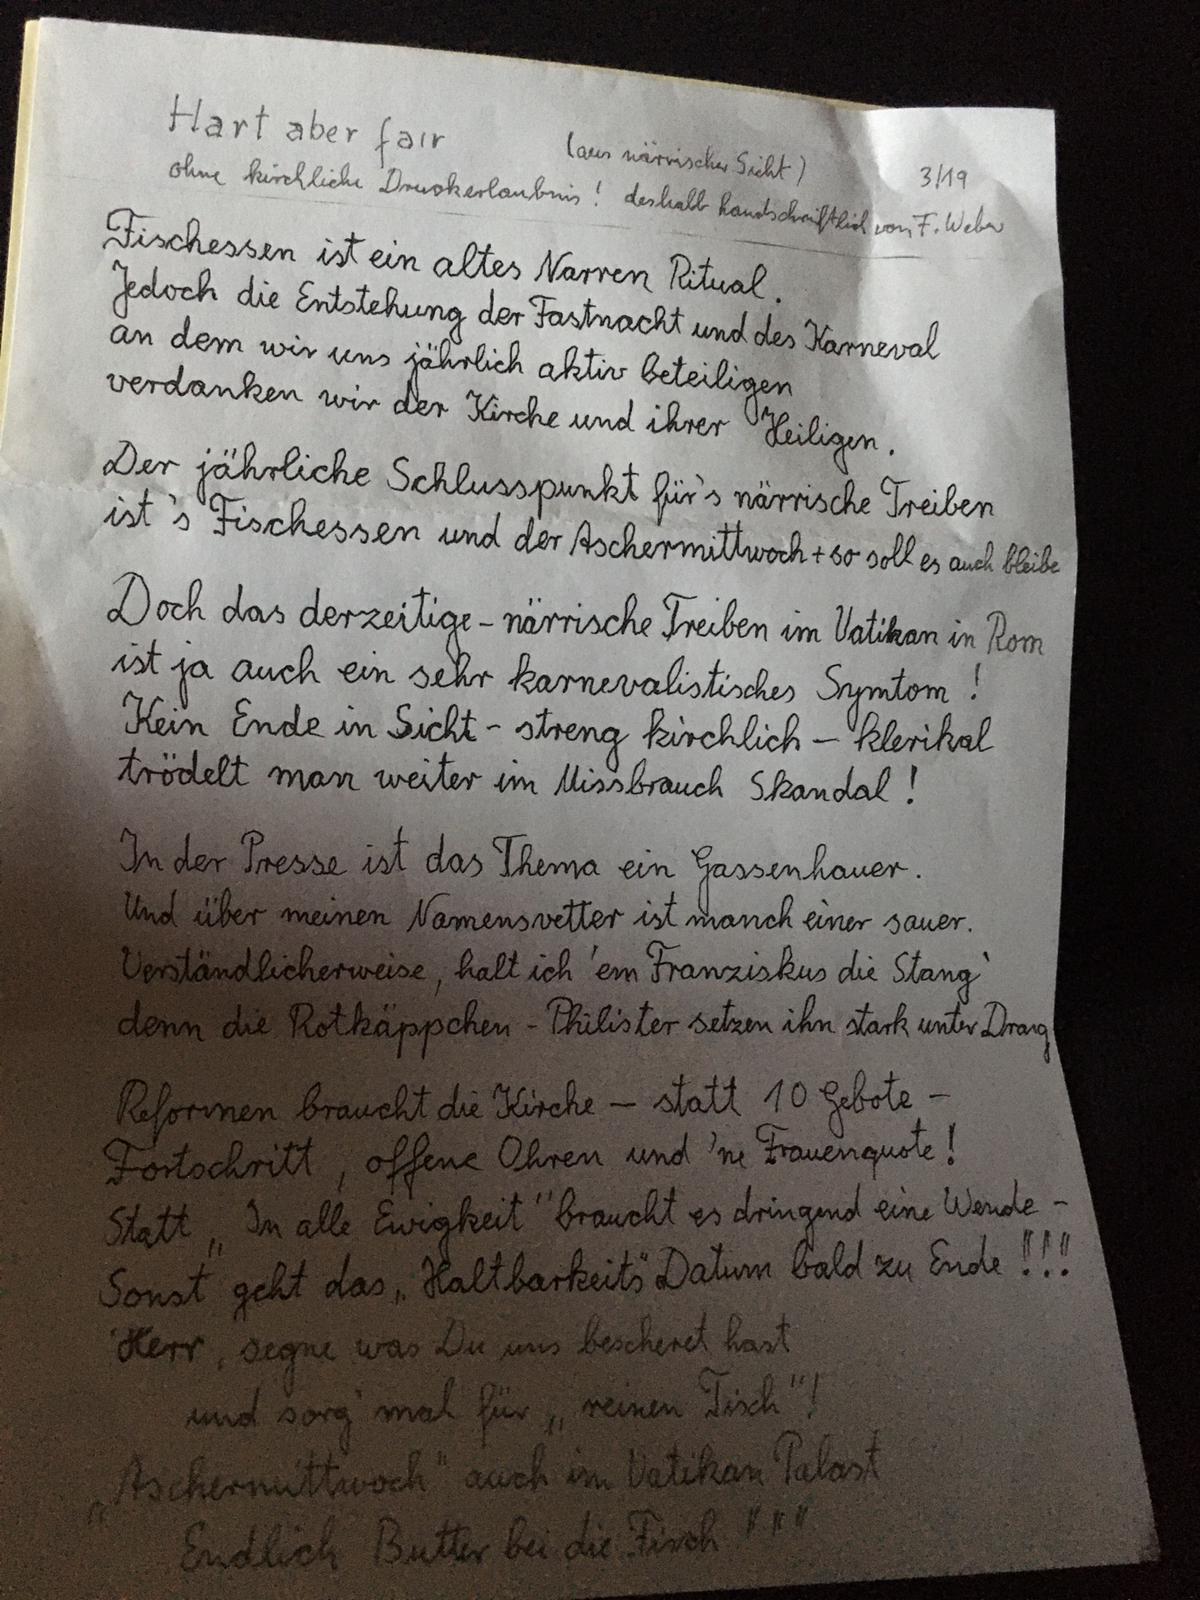 Text - Hart aber fair von Franz Weber (1)